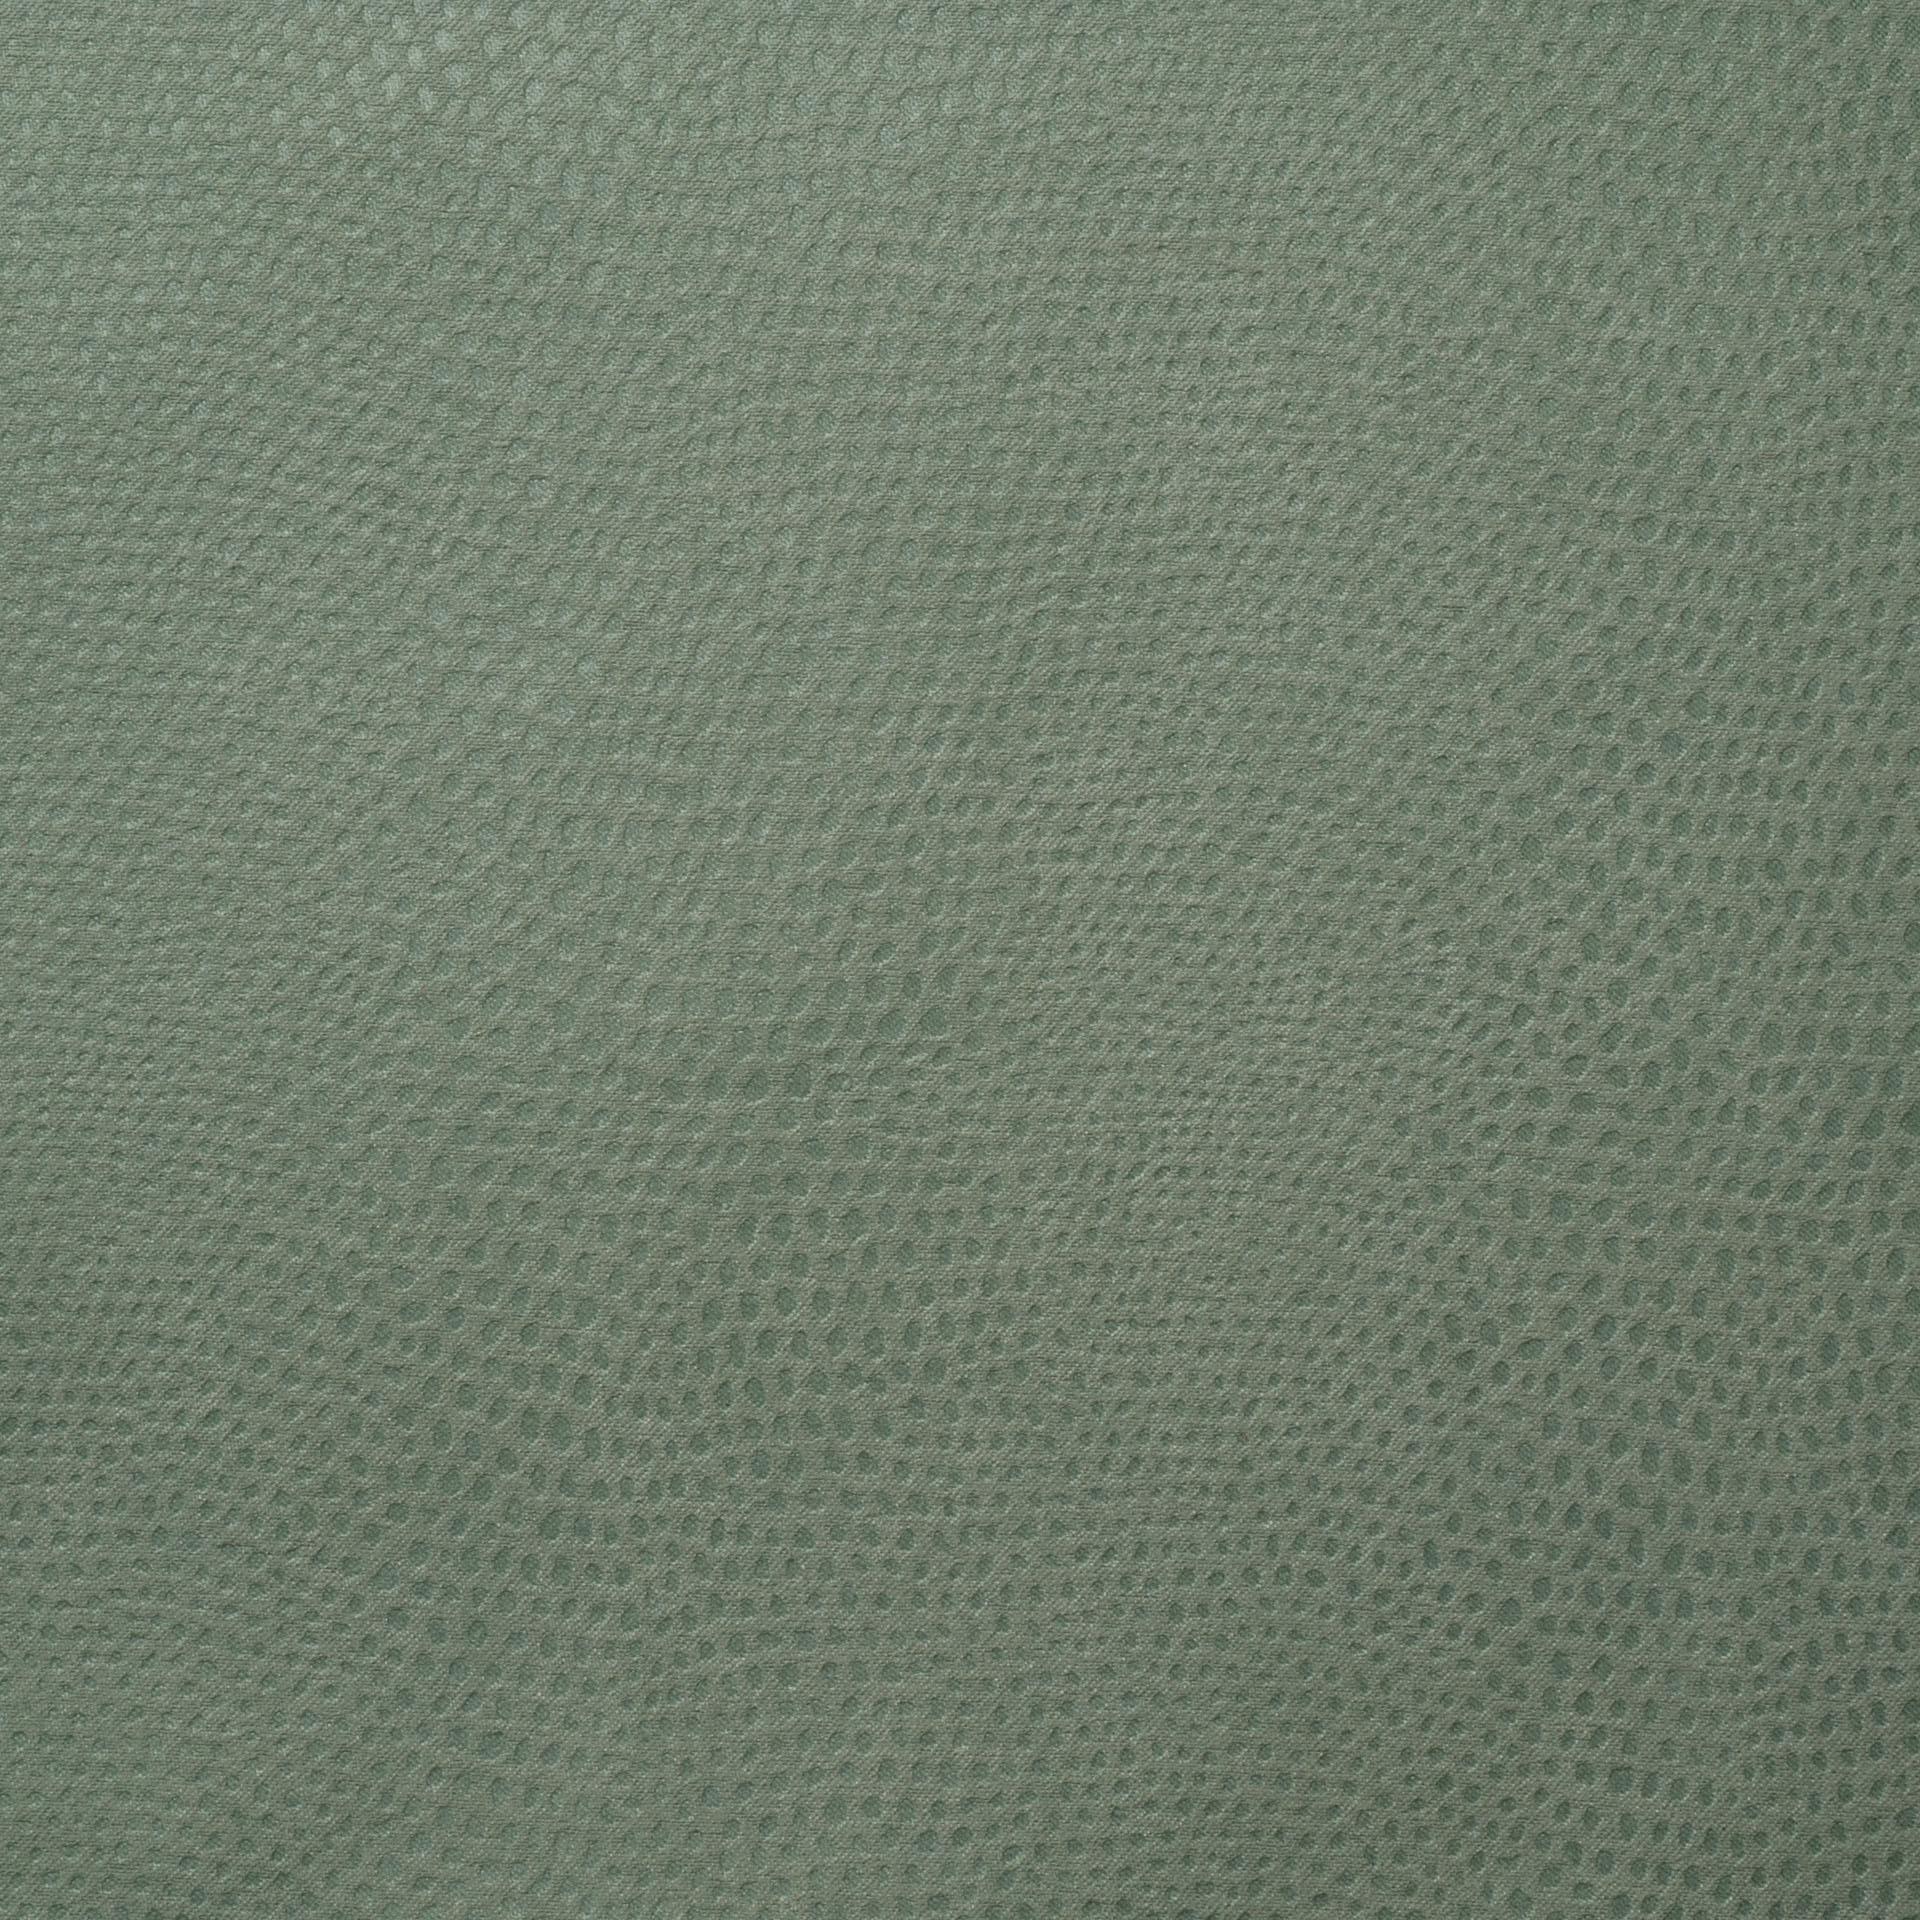 Коллекция ткани Снейк 5064 LIND,  купить ткань Велюр для мебели Украина